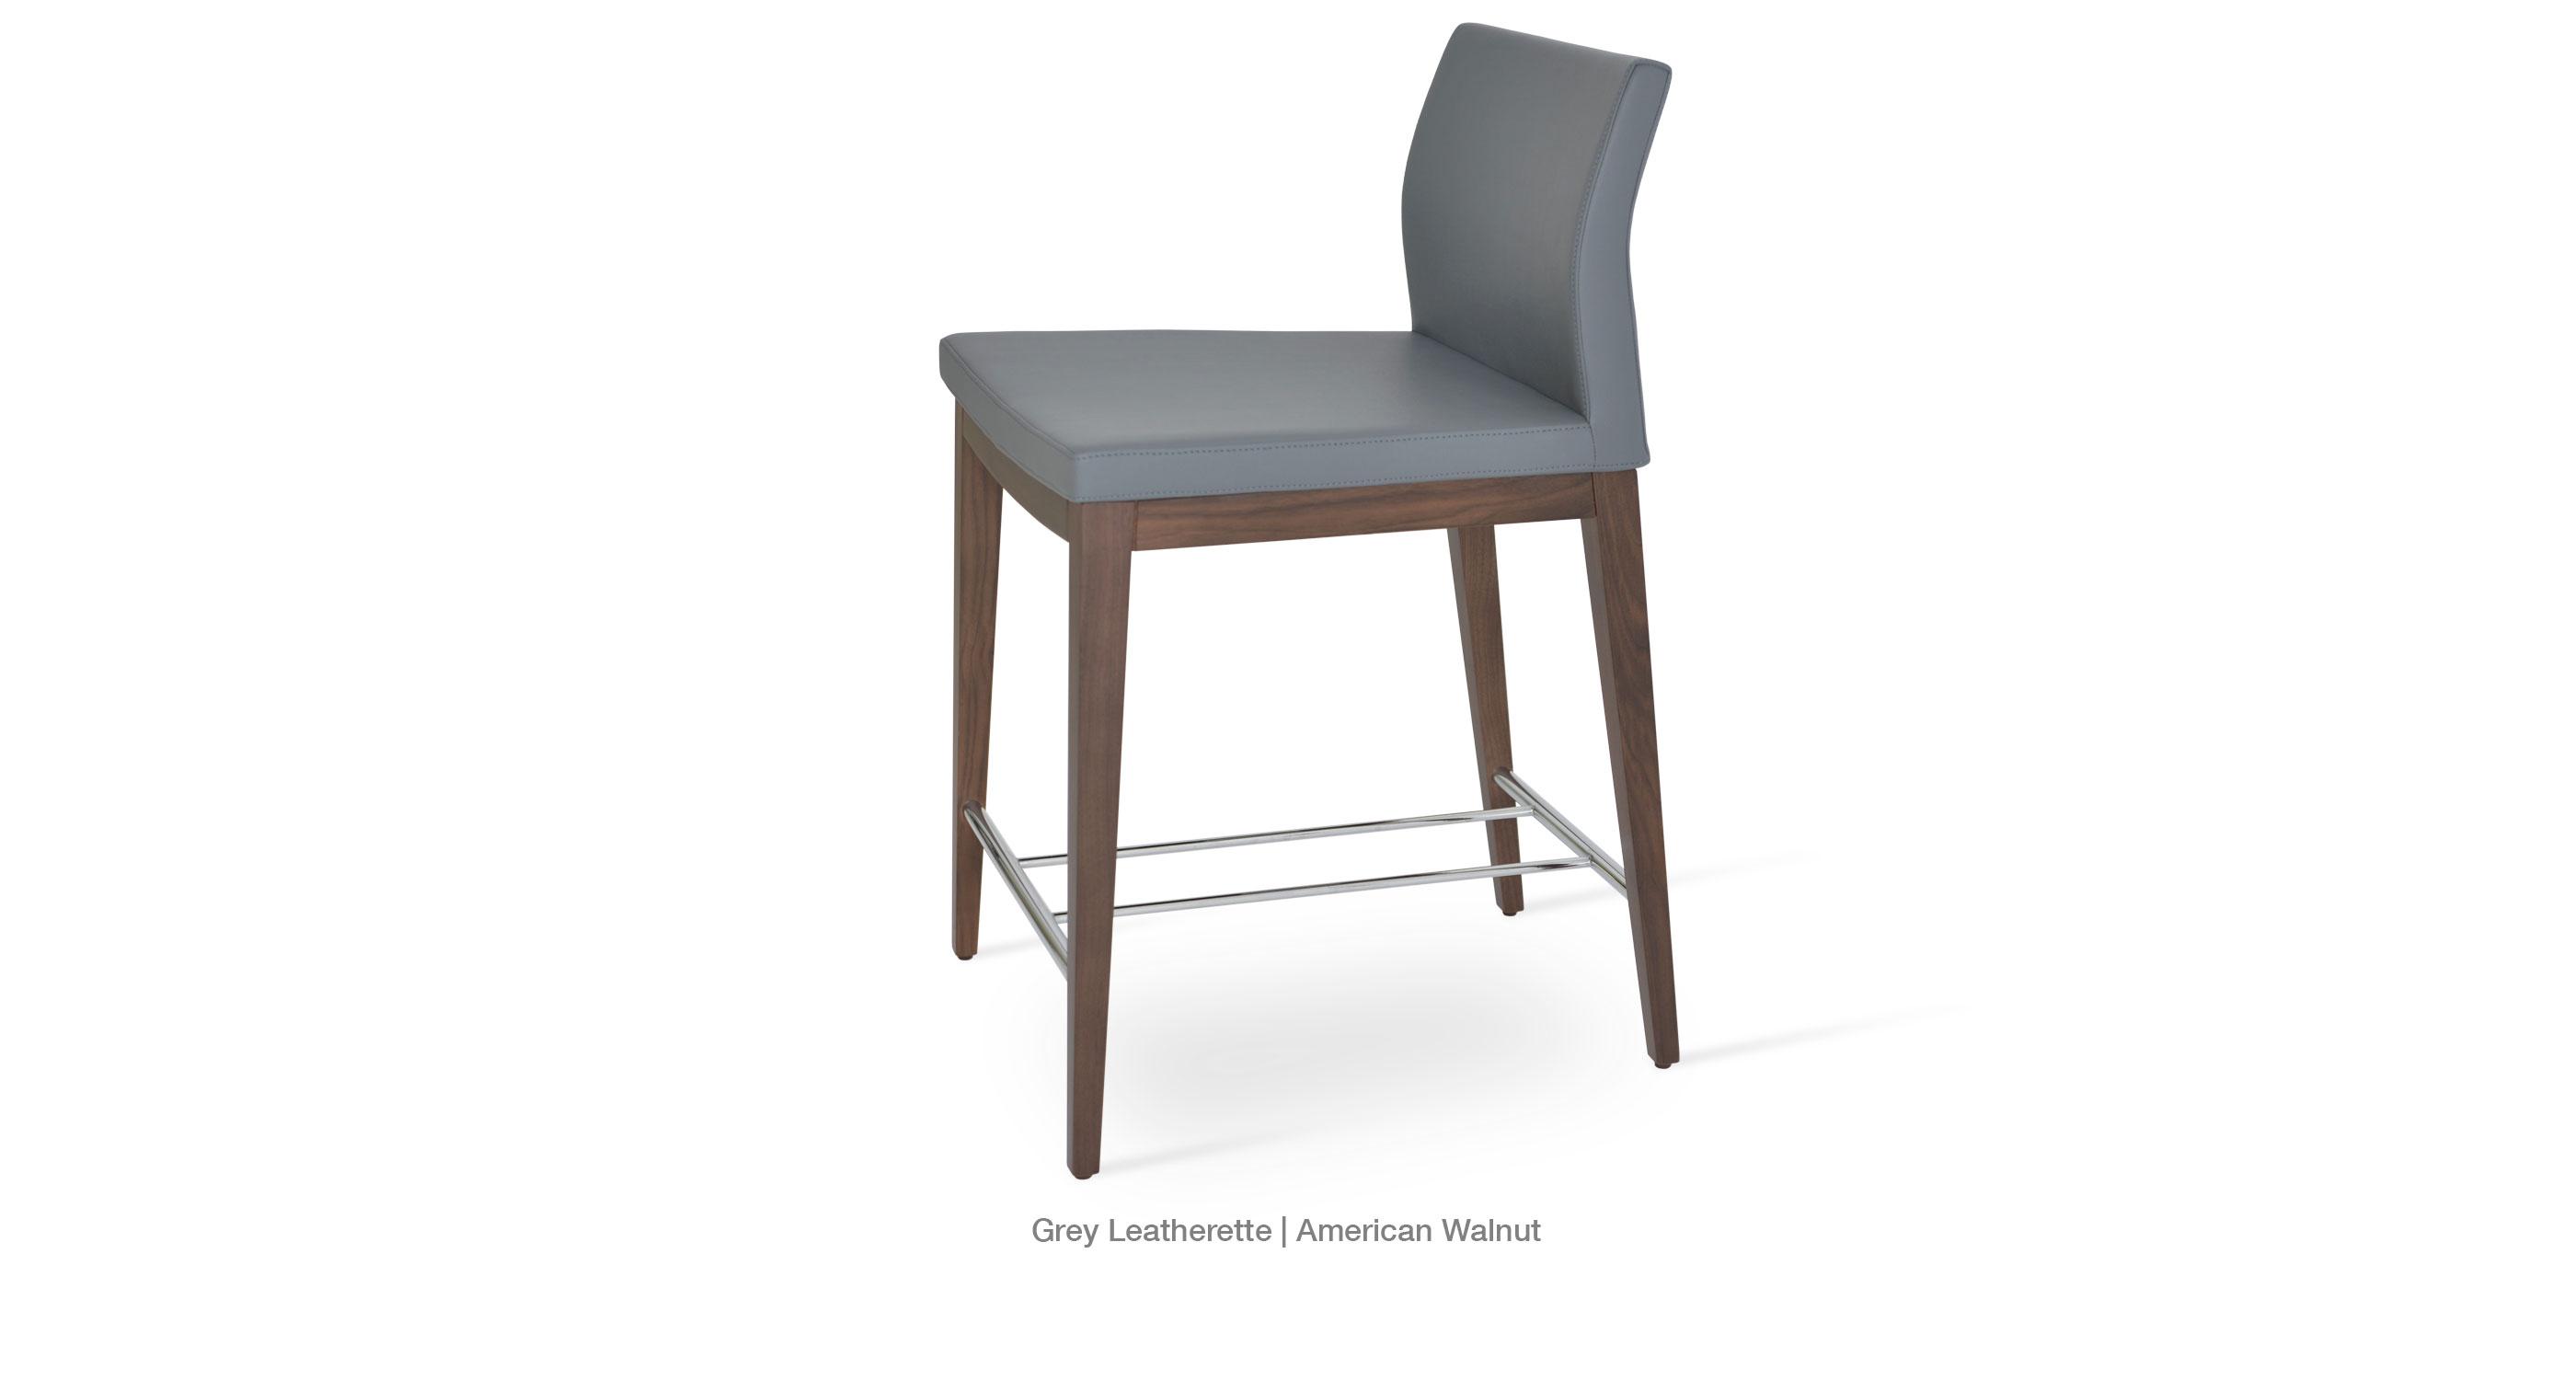 Phenomenal Pasha Wood Ergonomic Bar Counter Stools Sohoconcept Inzonedesignstudio Interior Chair Design Inzonedesignstudiocom